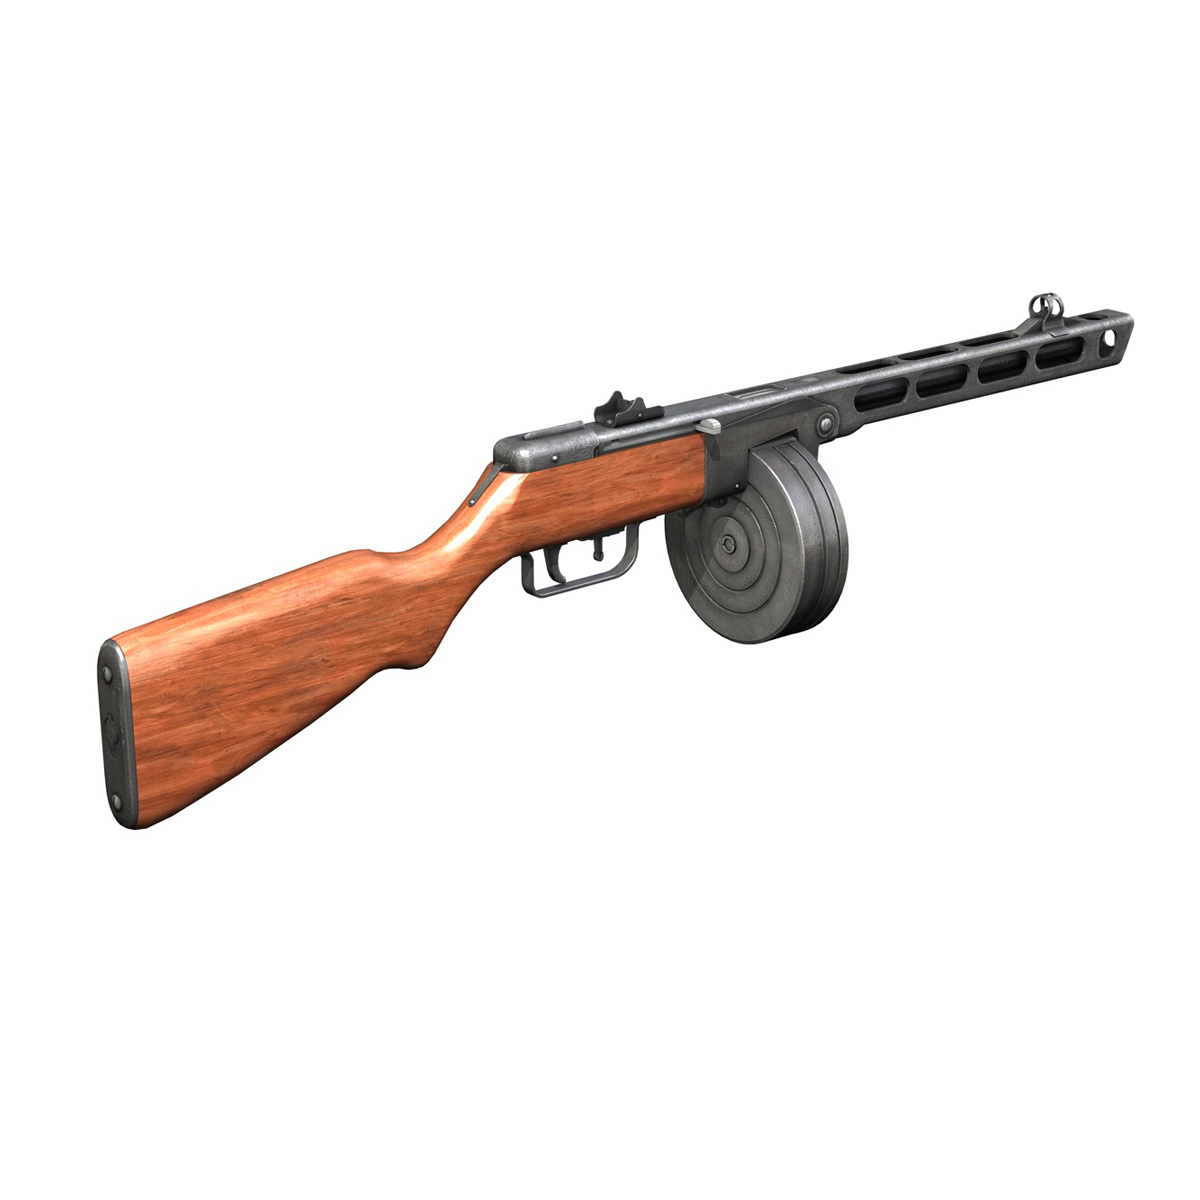 ppsh-41 – soviet submachine gun 3d model 3ds fbx c4d lwo obj 196953